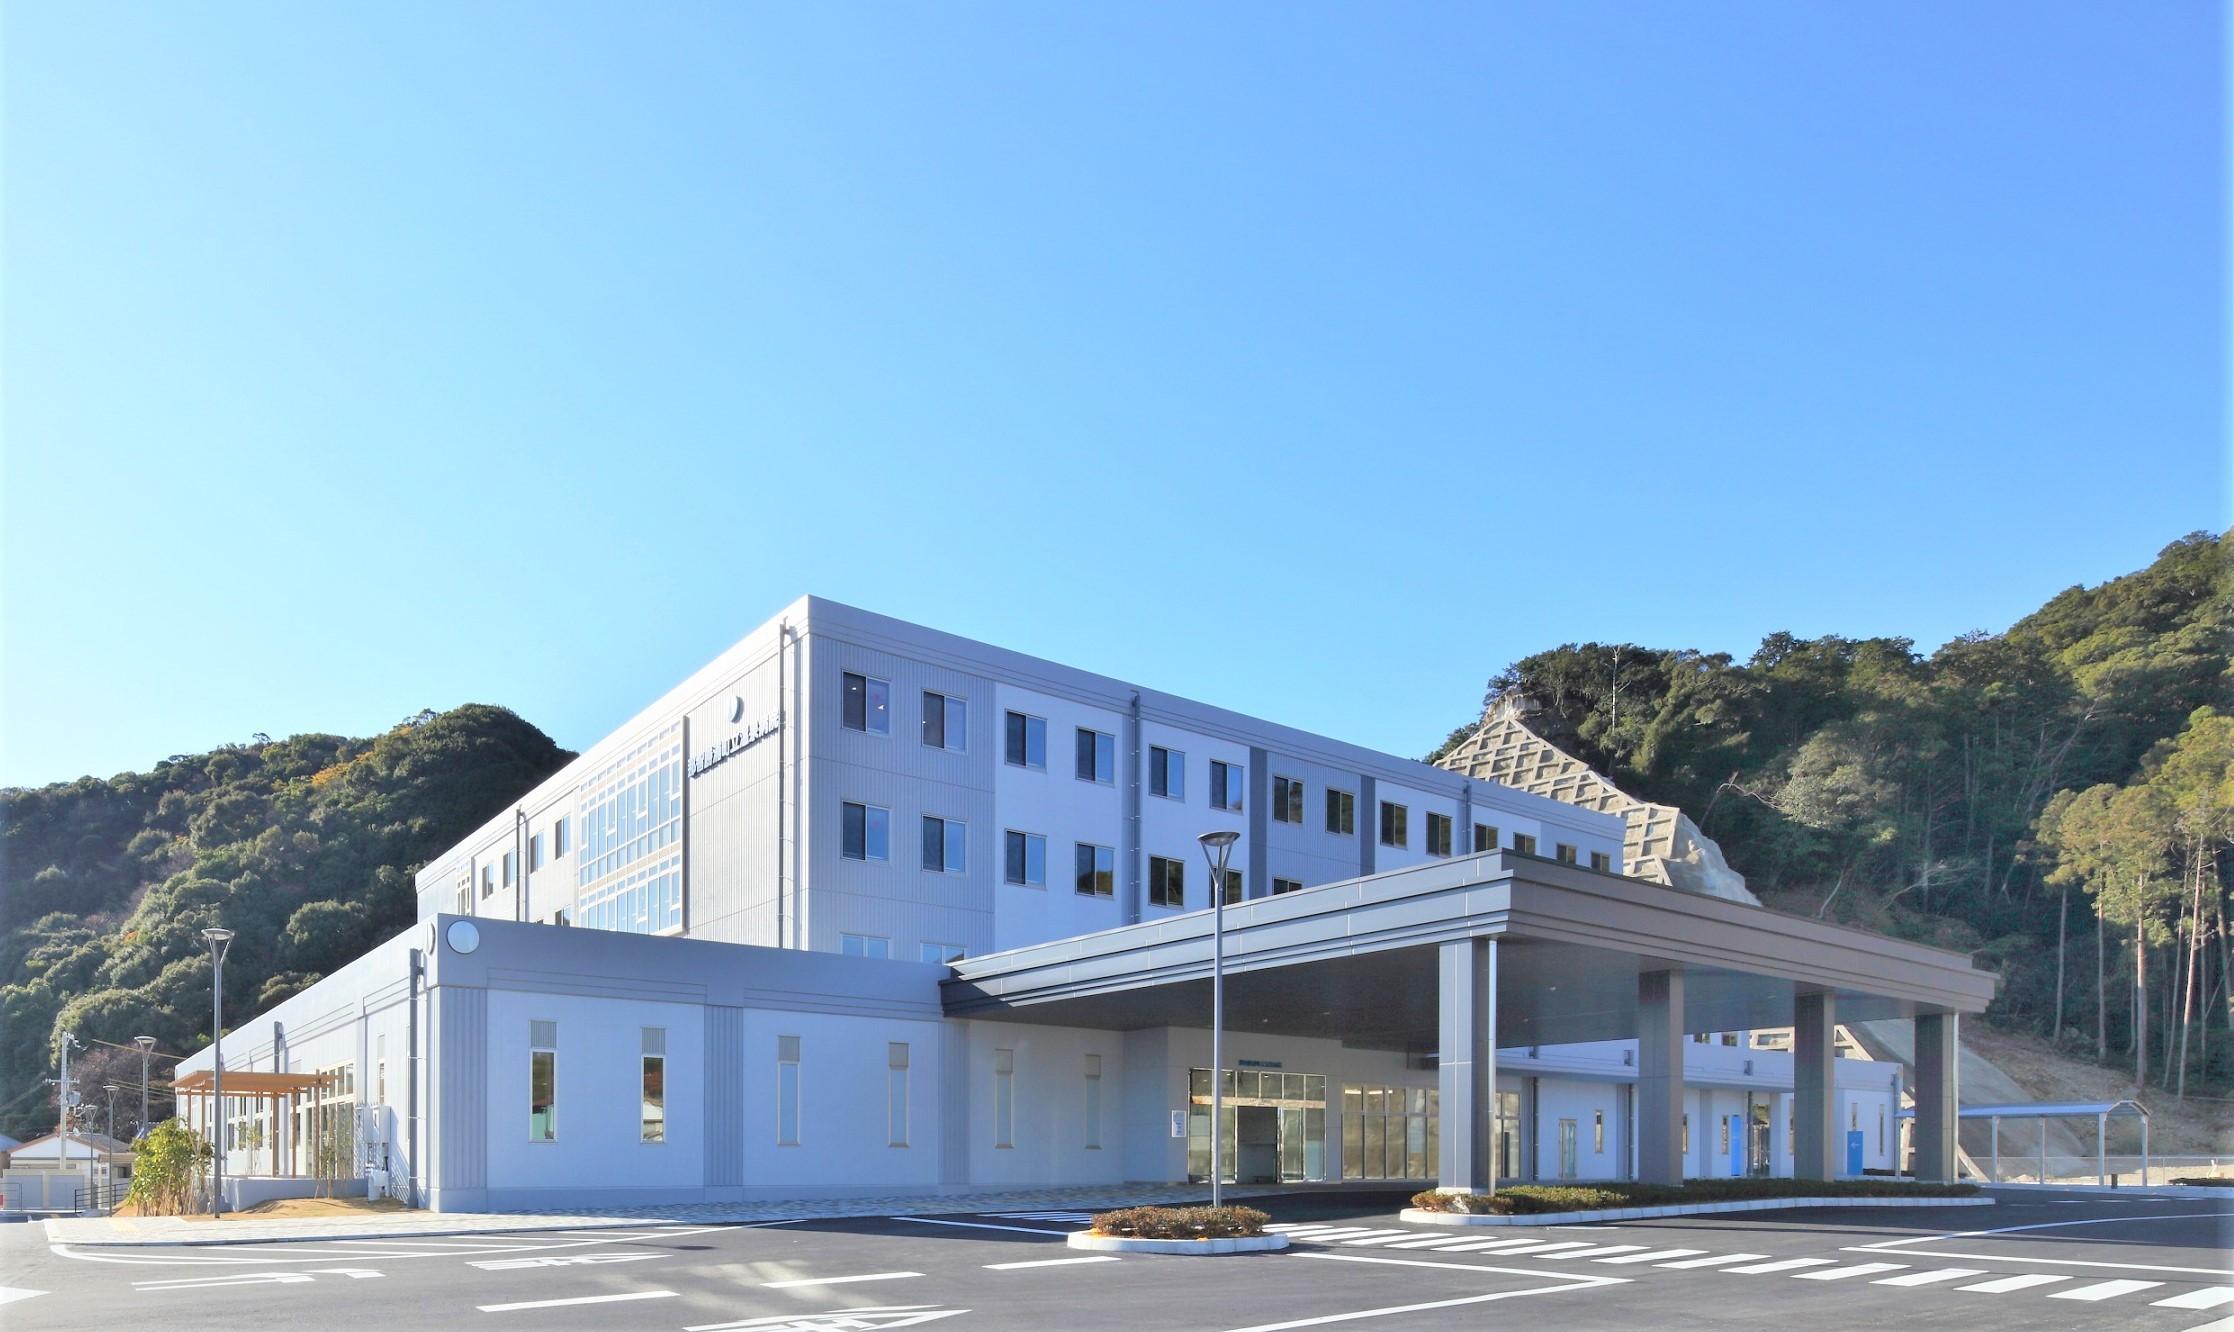 那智勝浦町立温泉病院